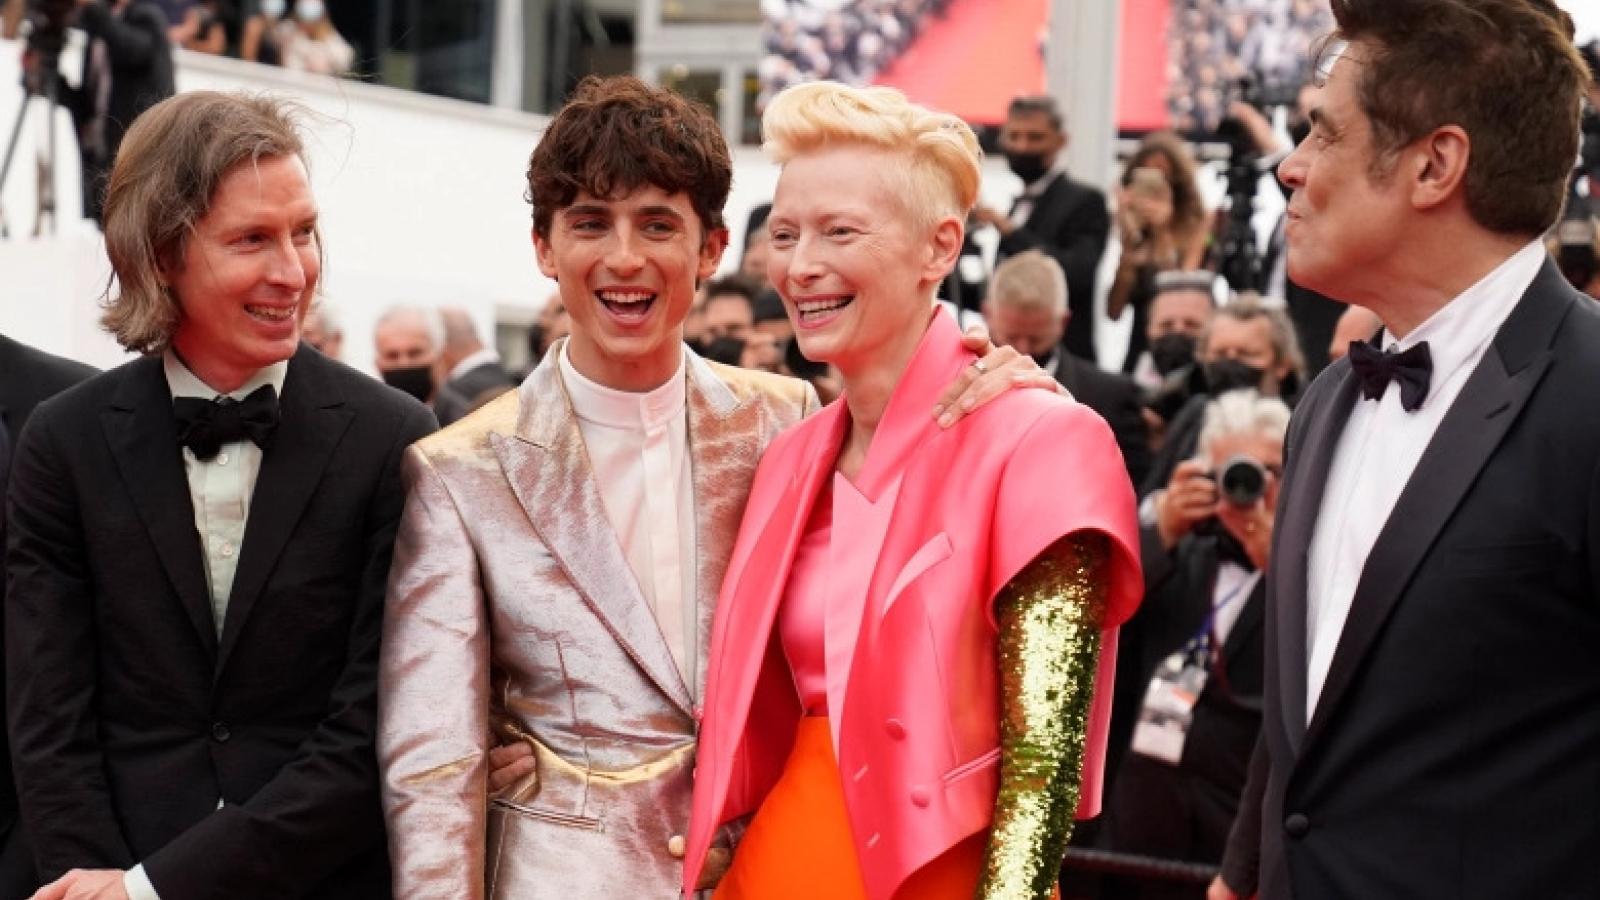 Phim tôn vinh ngành báo của Timothée Chalamet nhận tràng vỗ tay 9 phút tại Cannes 2021